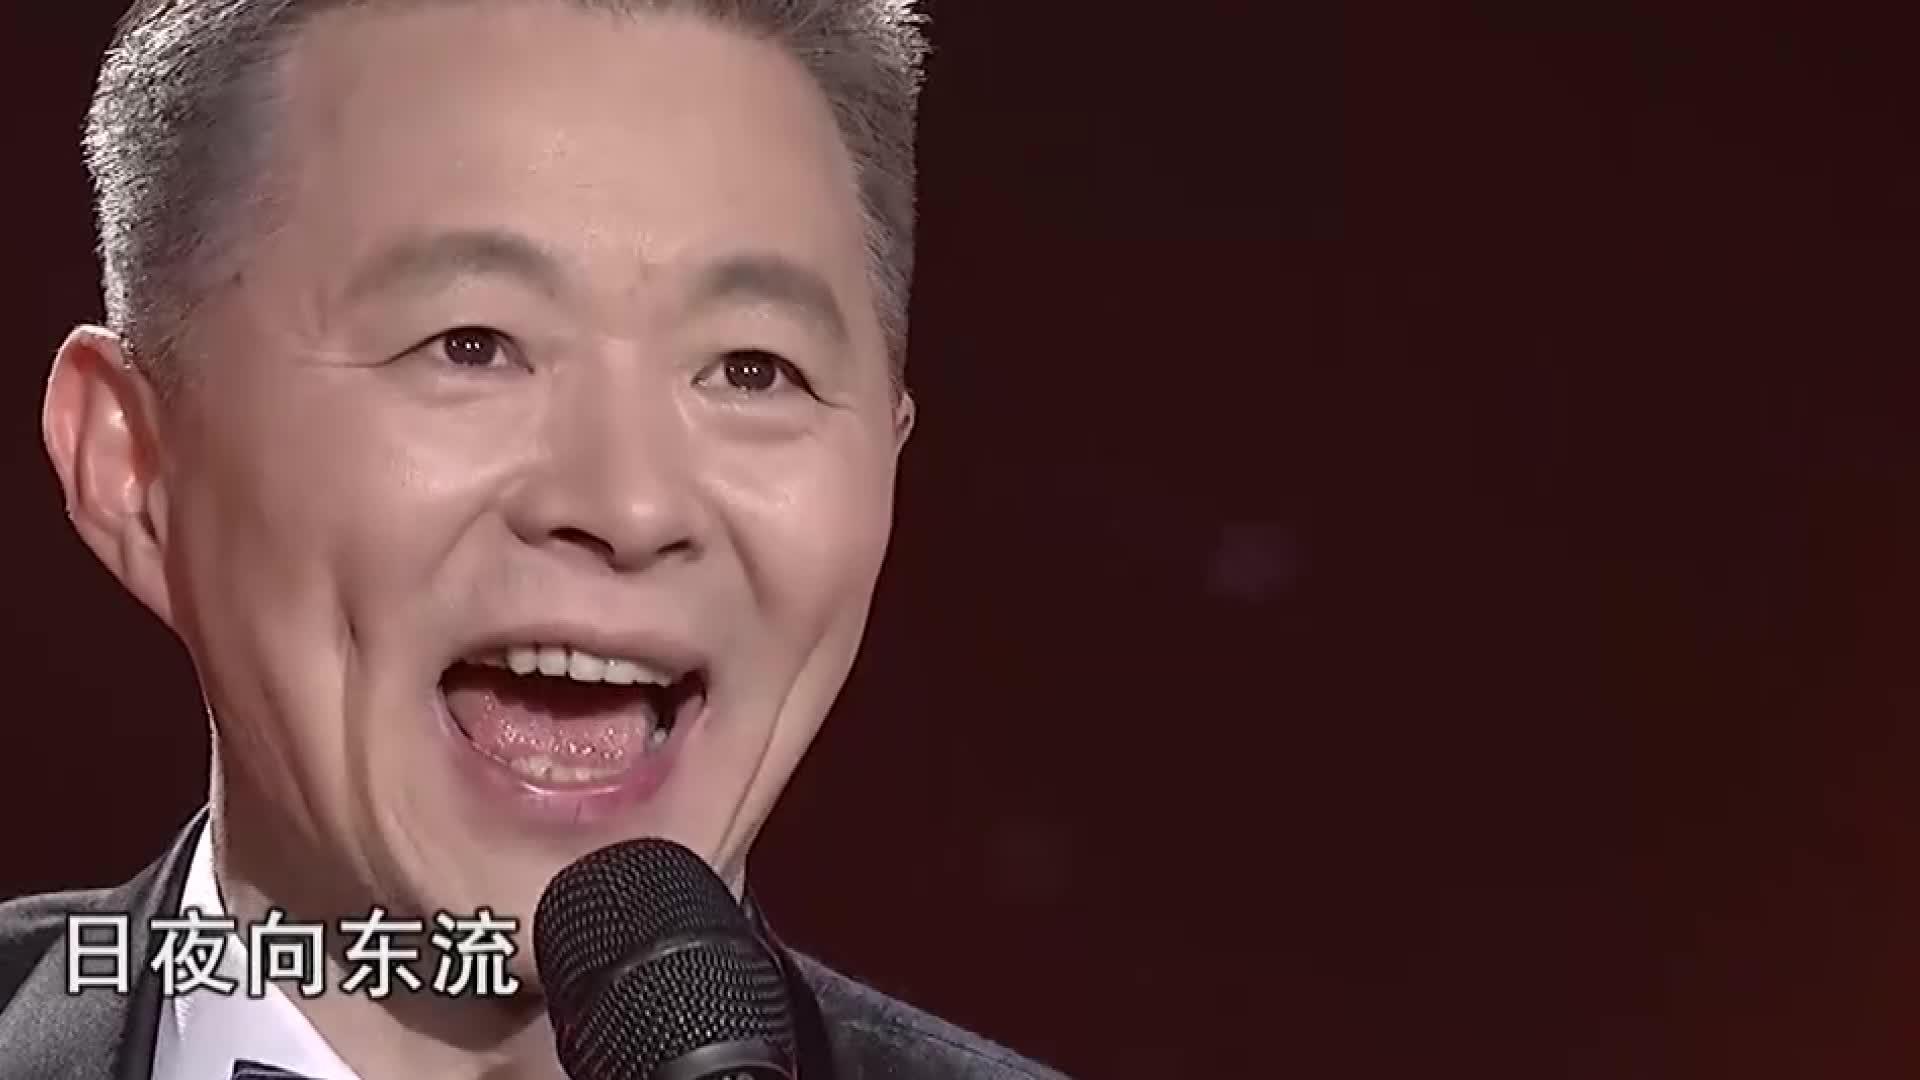 王宏伟再唱金曲《西部放歌》,嗓音嘹亮婉转,十分耐听的声韵